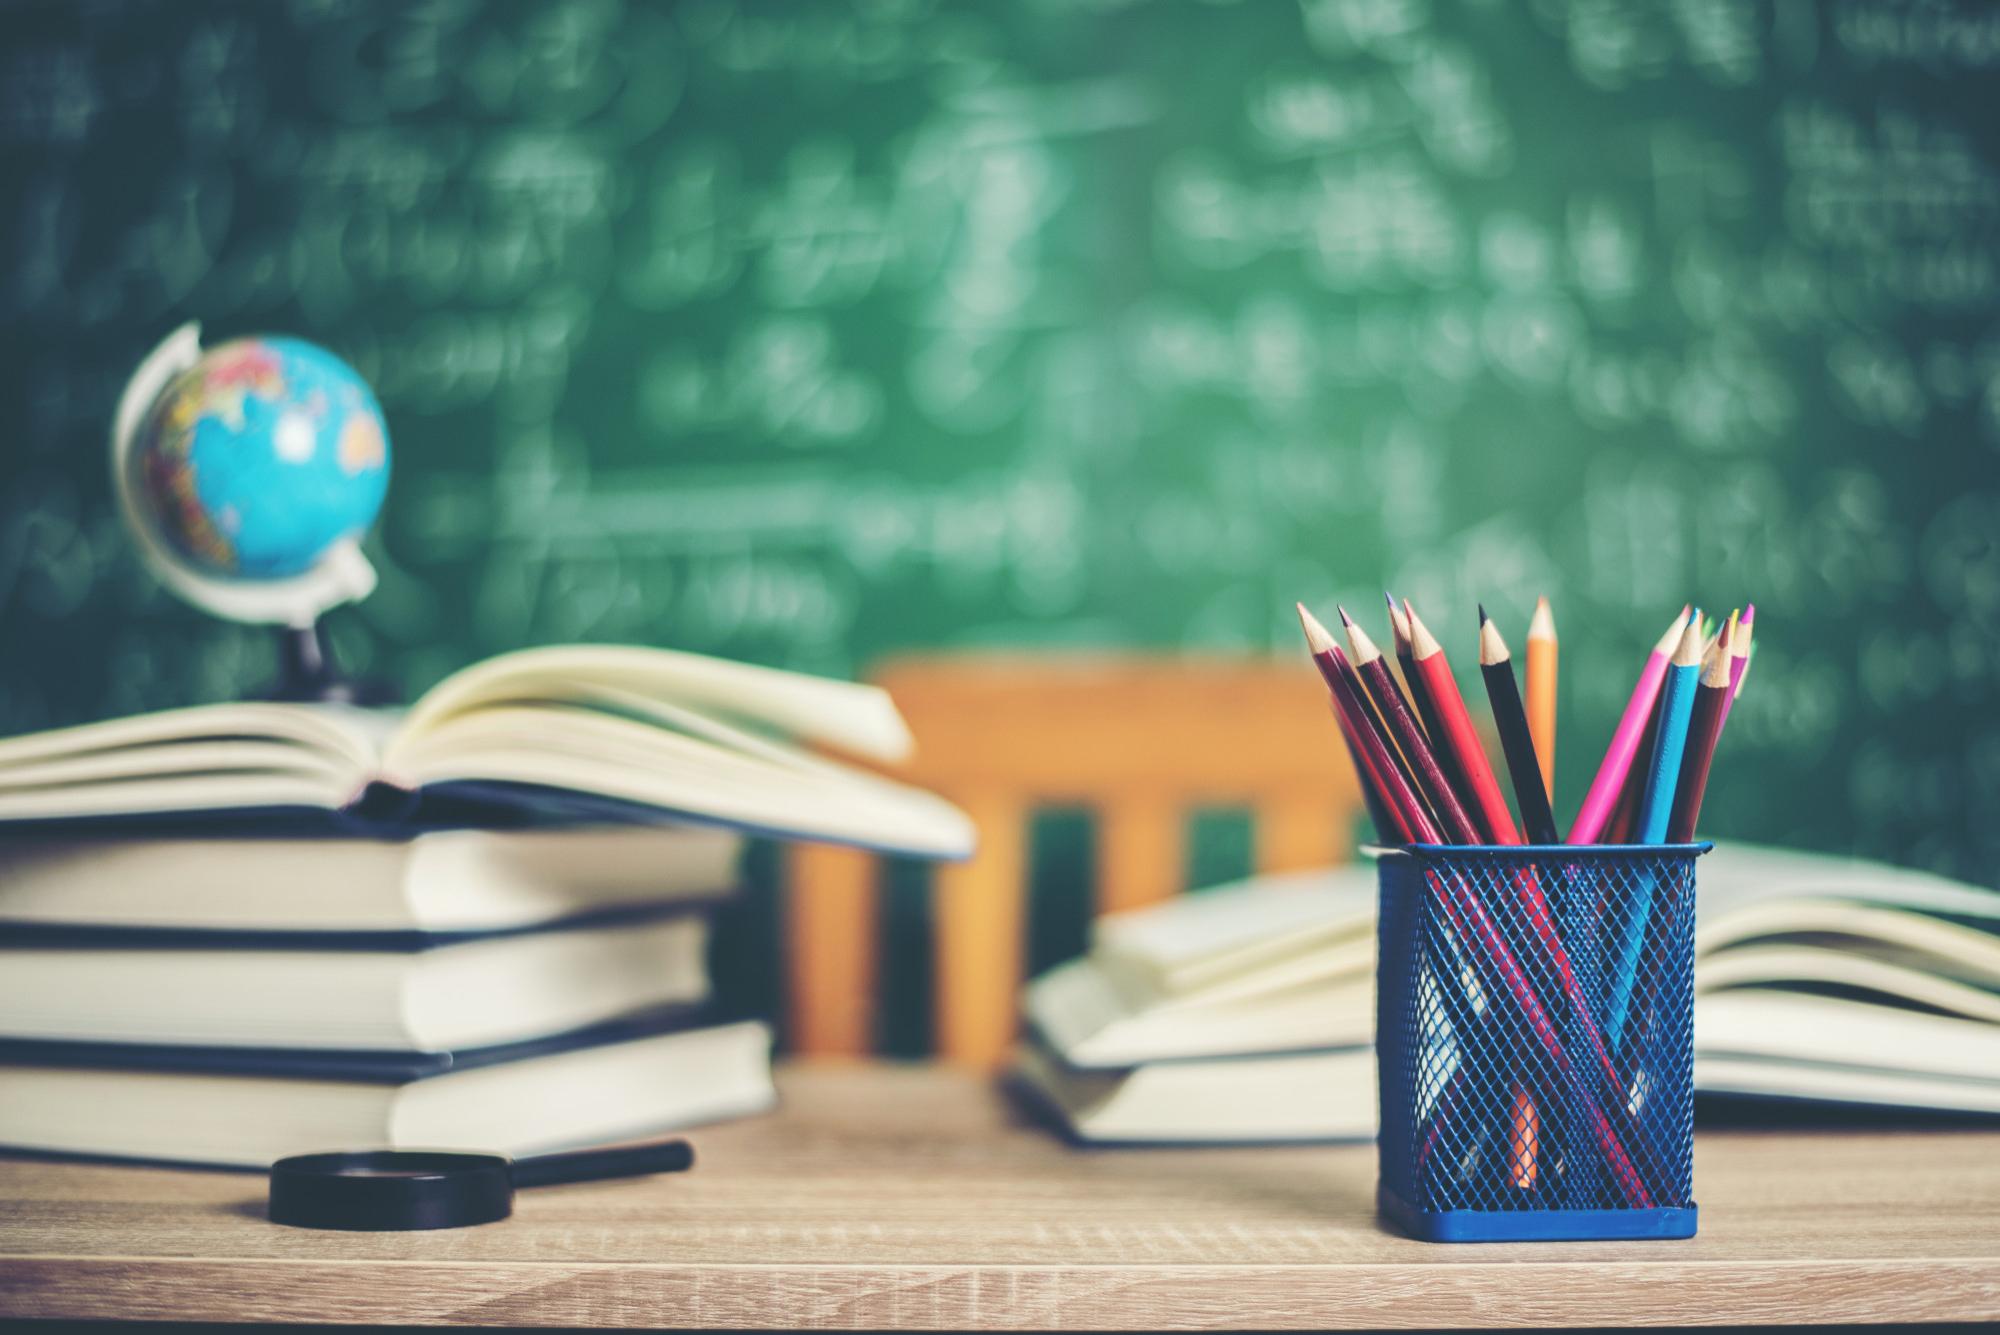 """DGRV n. 993 del 20/07/2021 - Bando per la concessione del contributo regionale """"Buono - Libri e Contenuti didattici alternativi"""" per anno scolastico-formativo 2021-2022"""